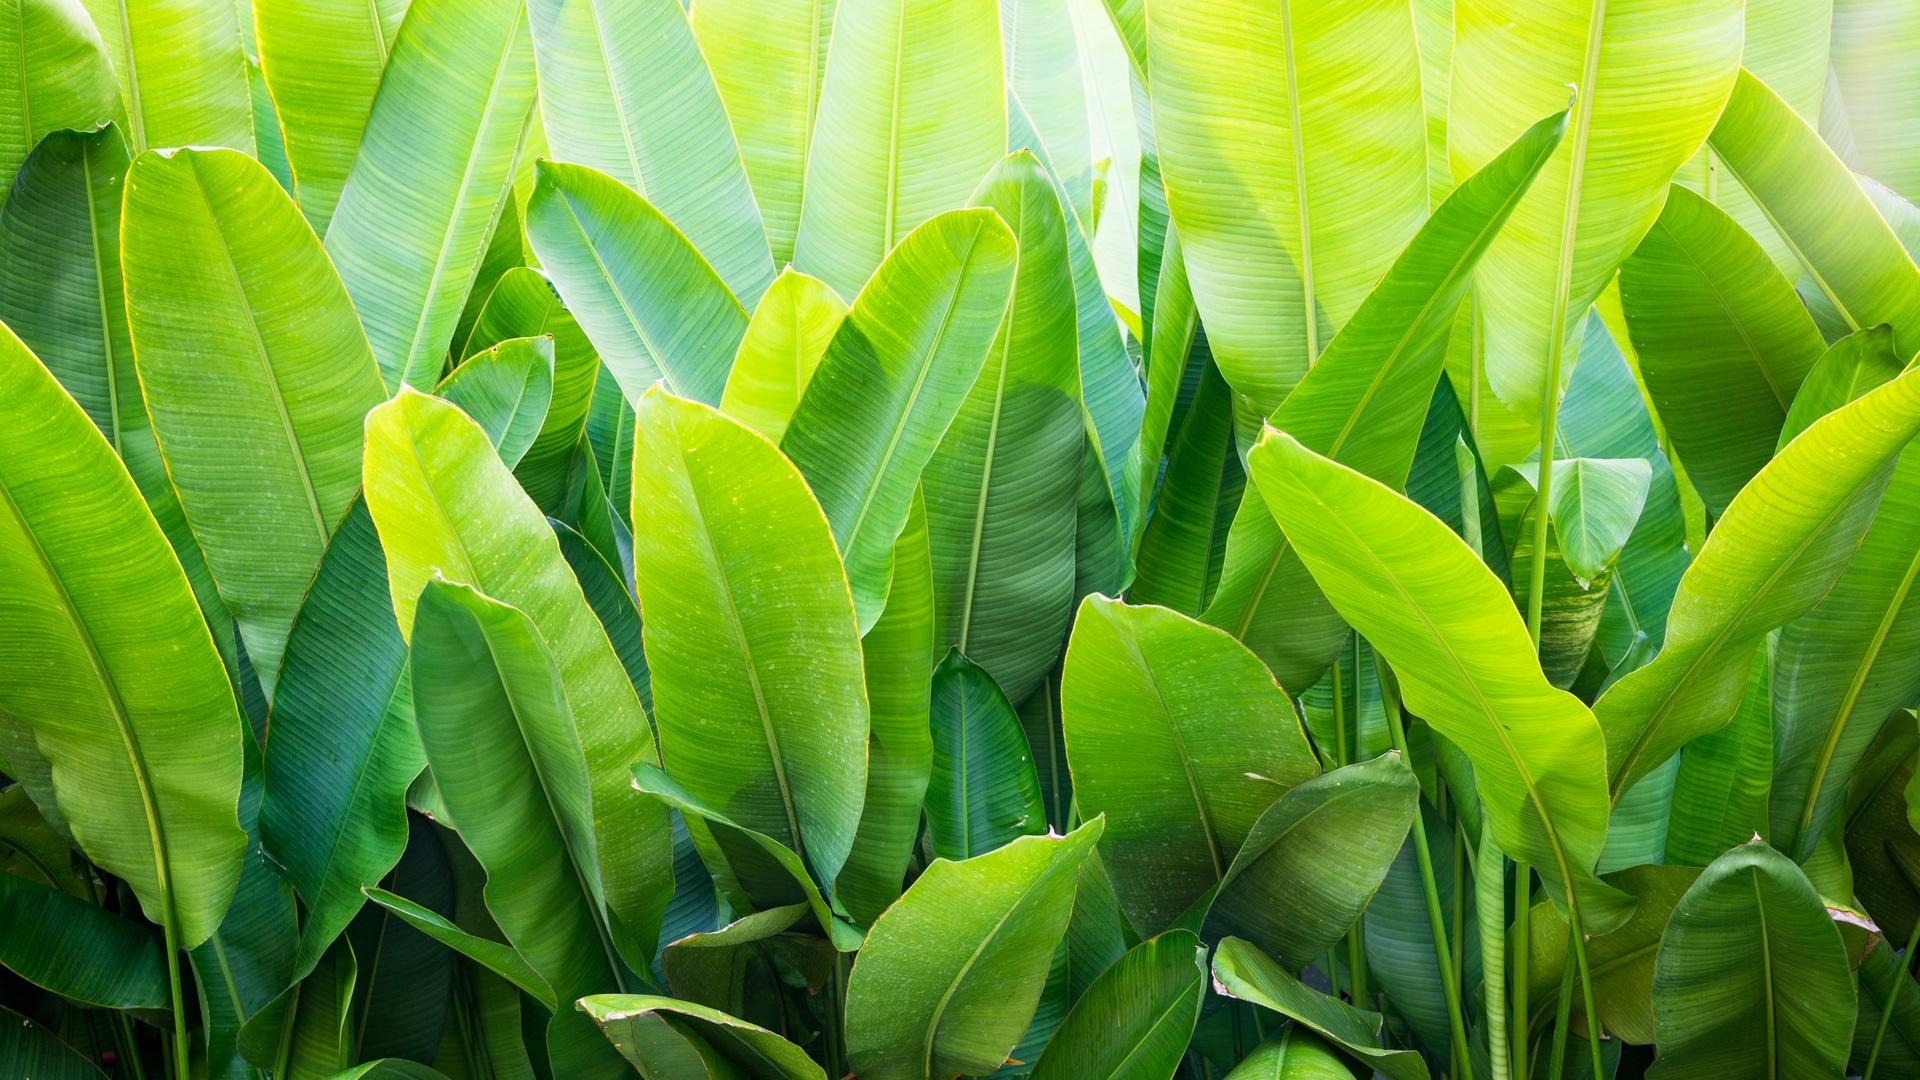 Bananenpflanze-Pflege-Tipps-und-Wissenswertes-so-k-nnen-Sie-Exotik-nach-Hause-bringen